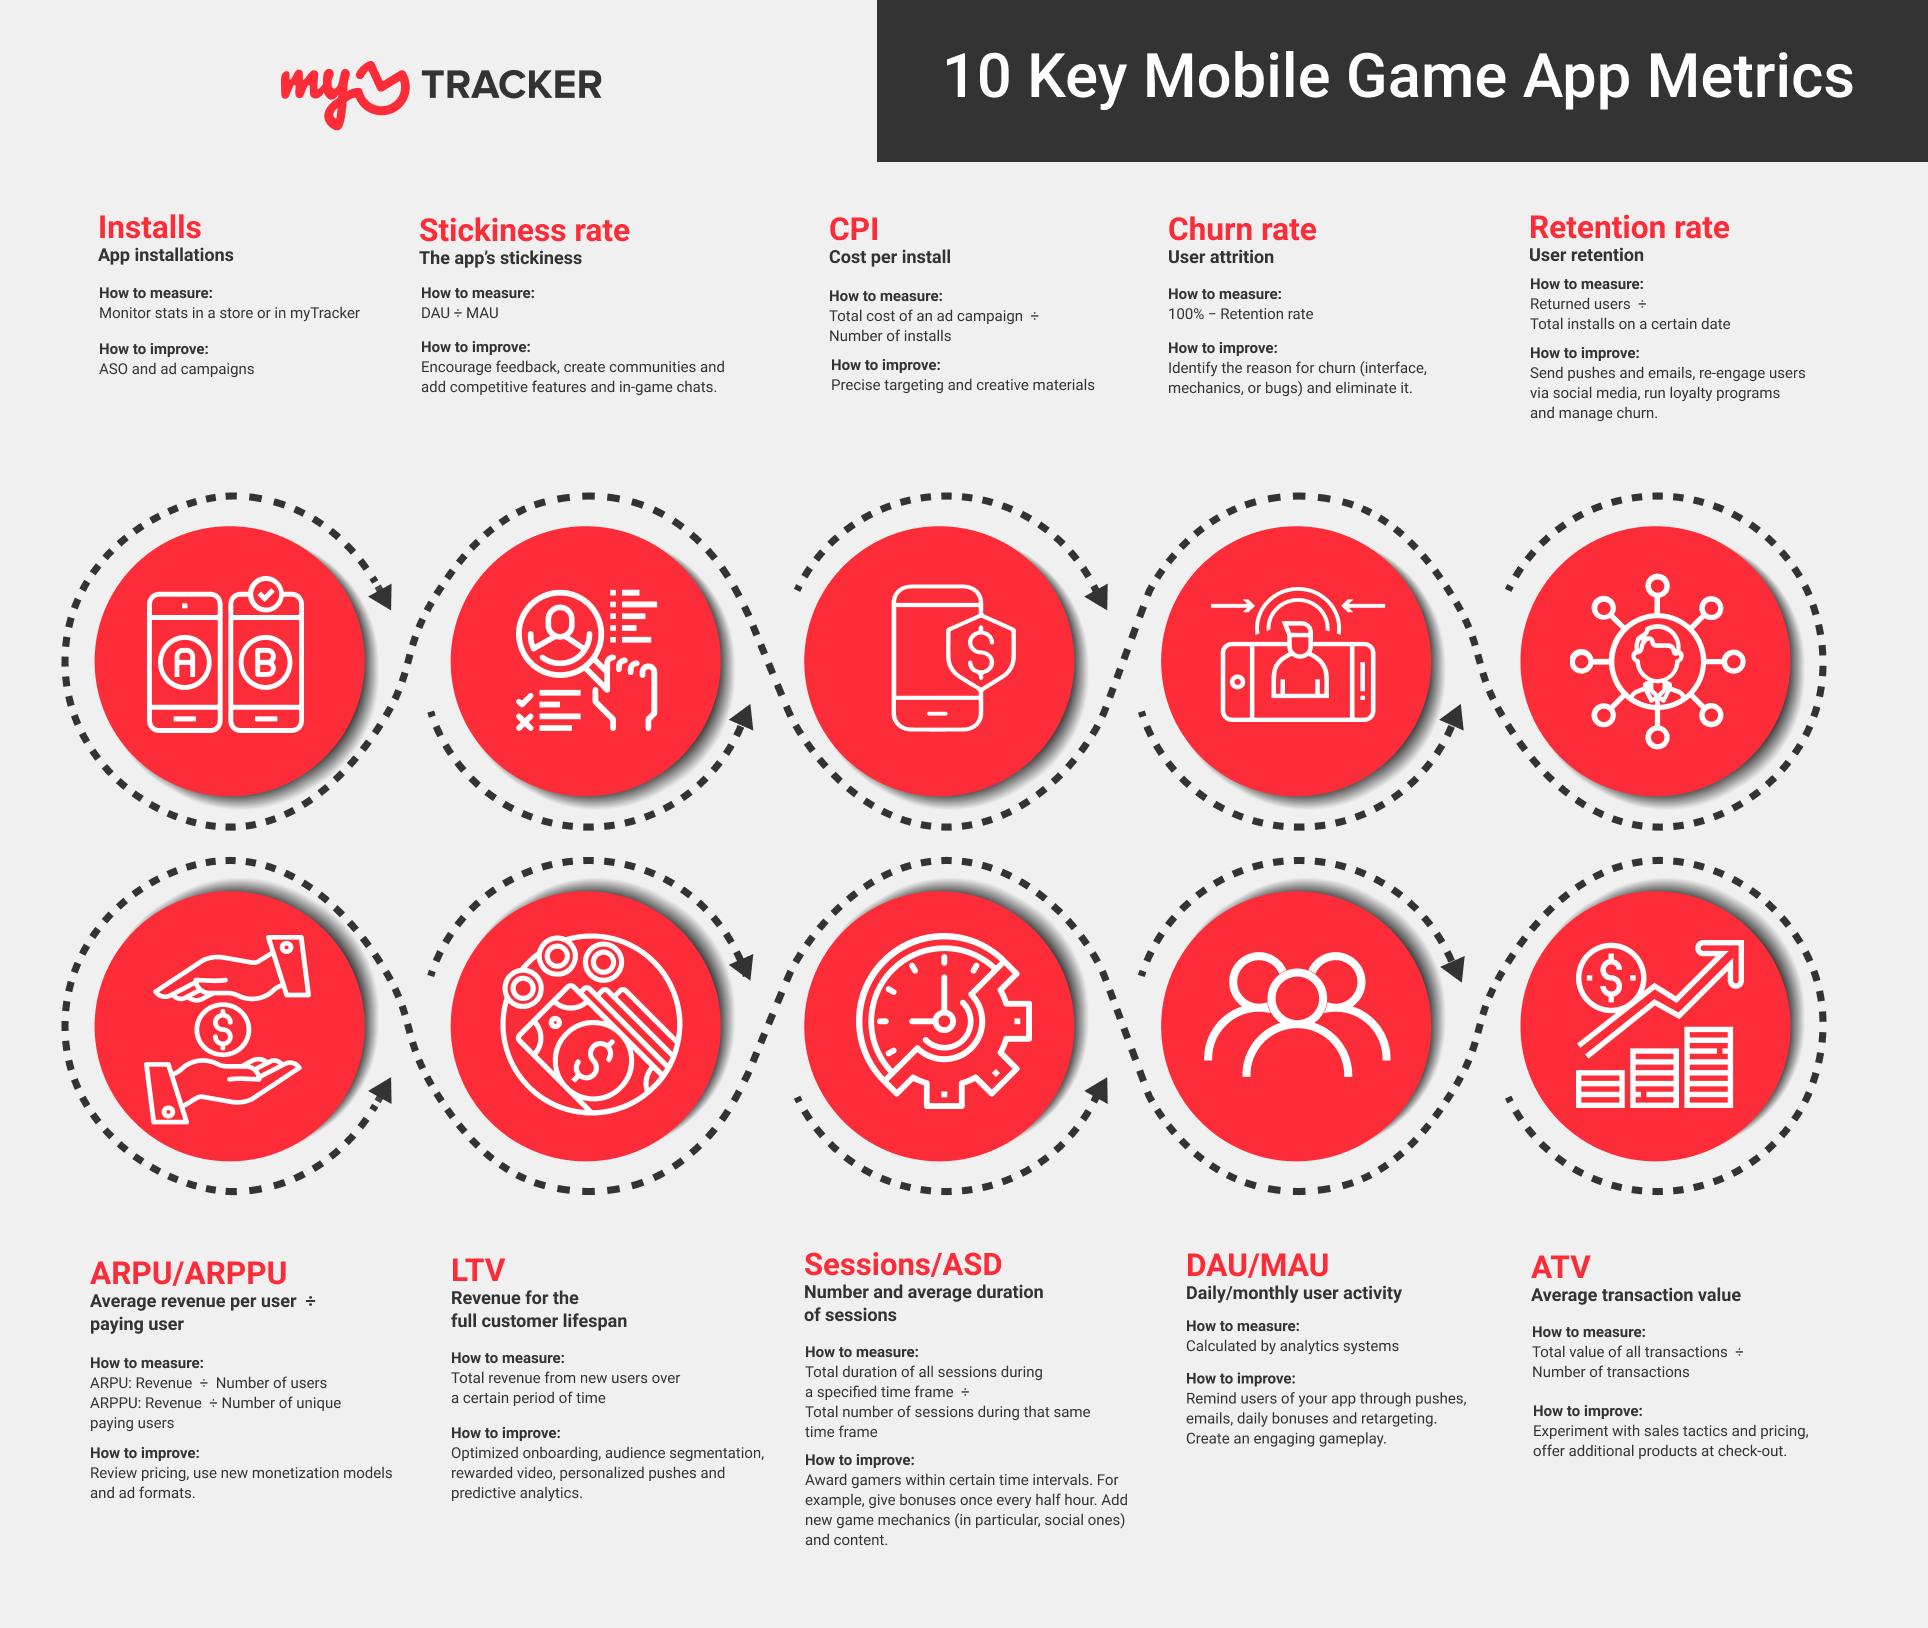 10 Key Mobile Game App Metrics